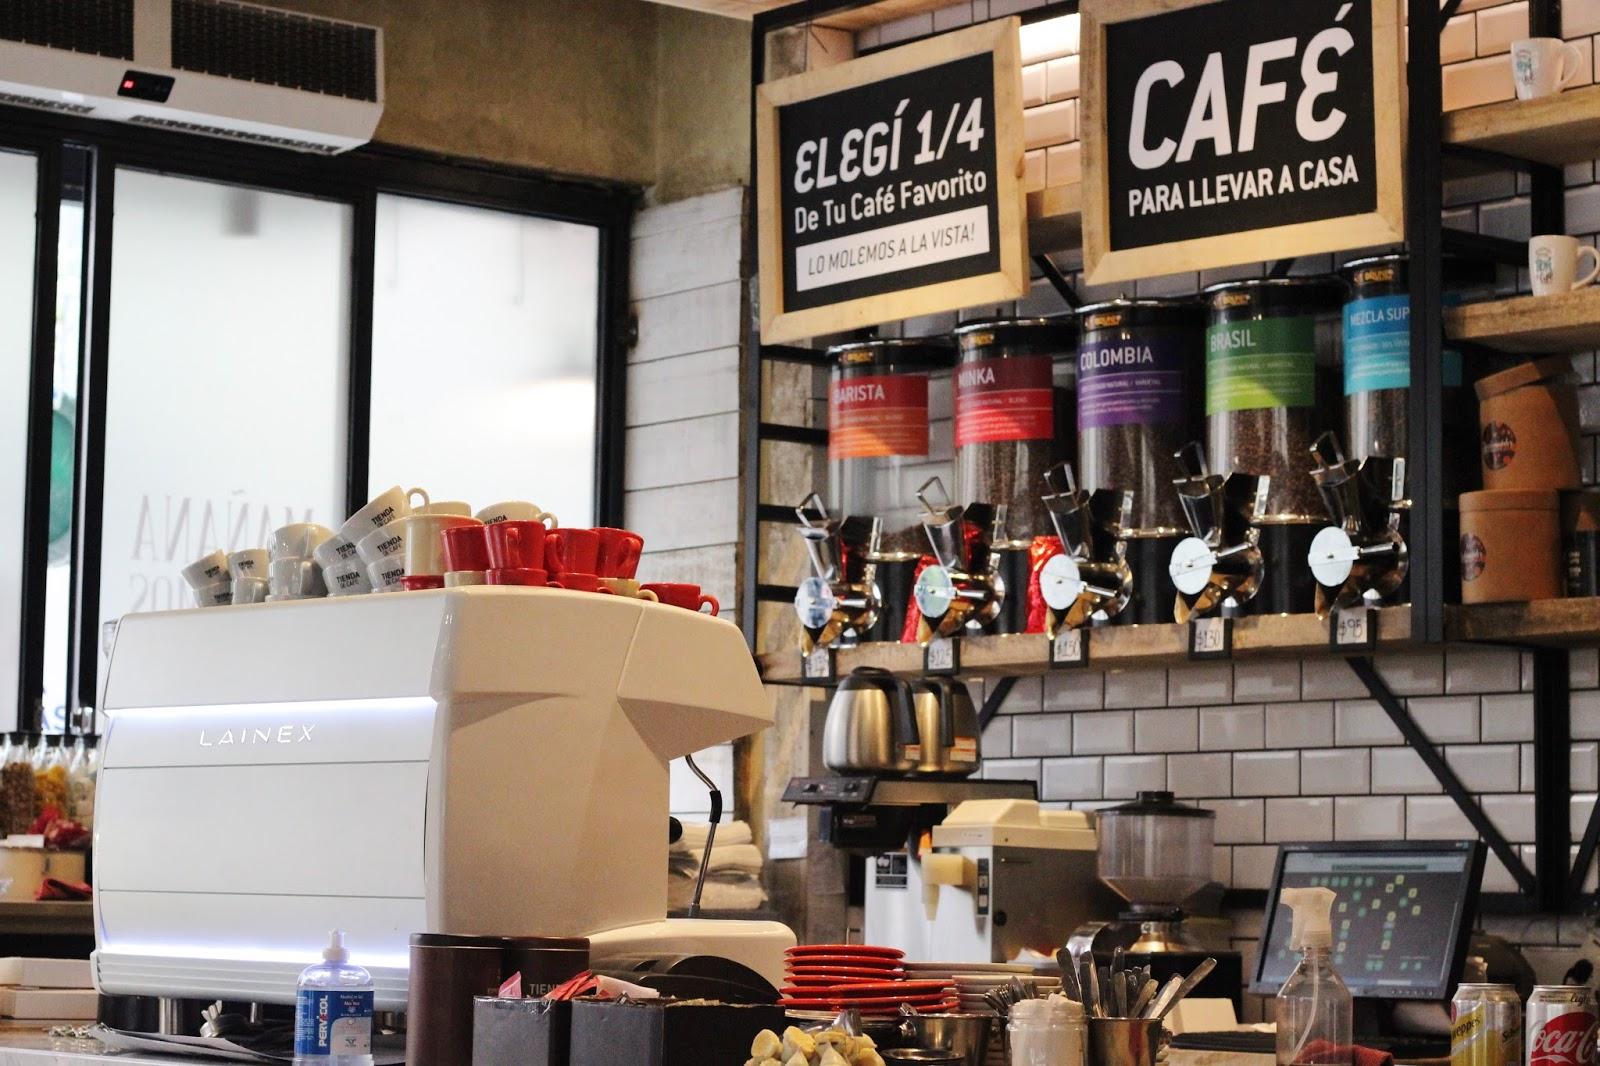 Tienda de Cafe Argentina caba